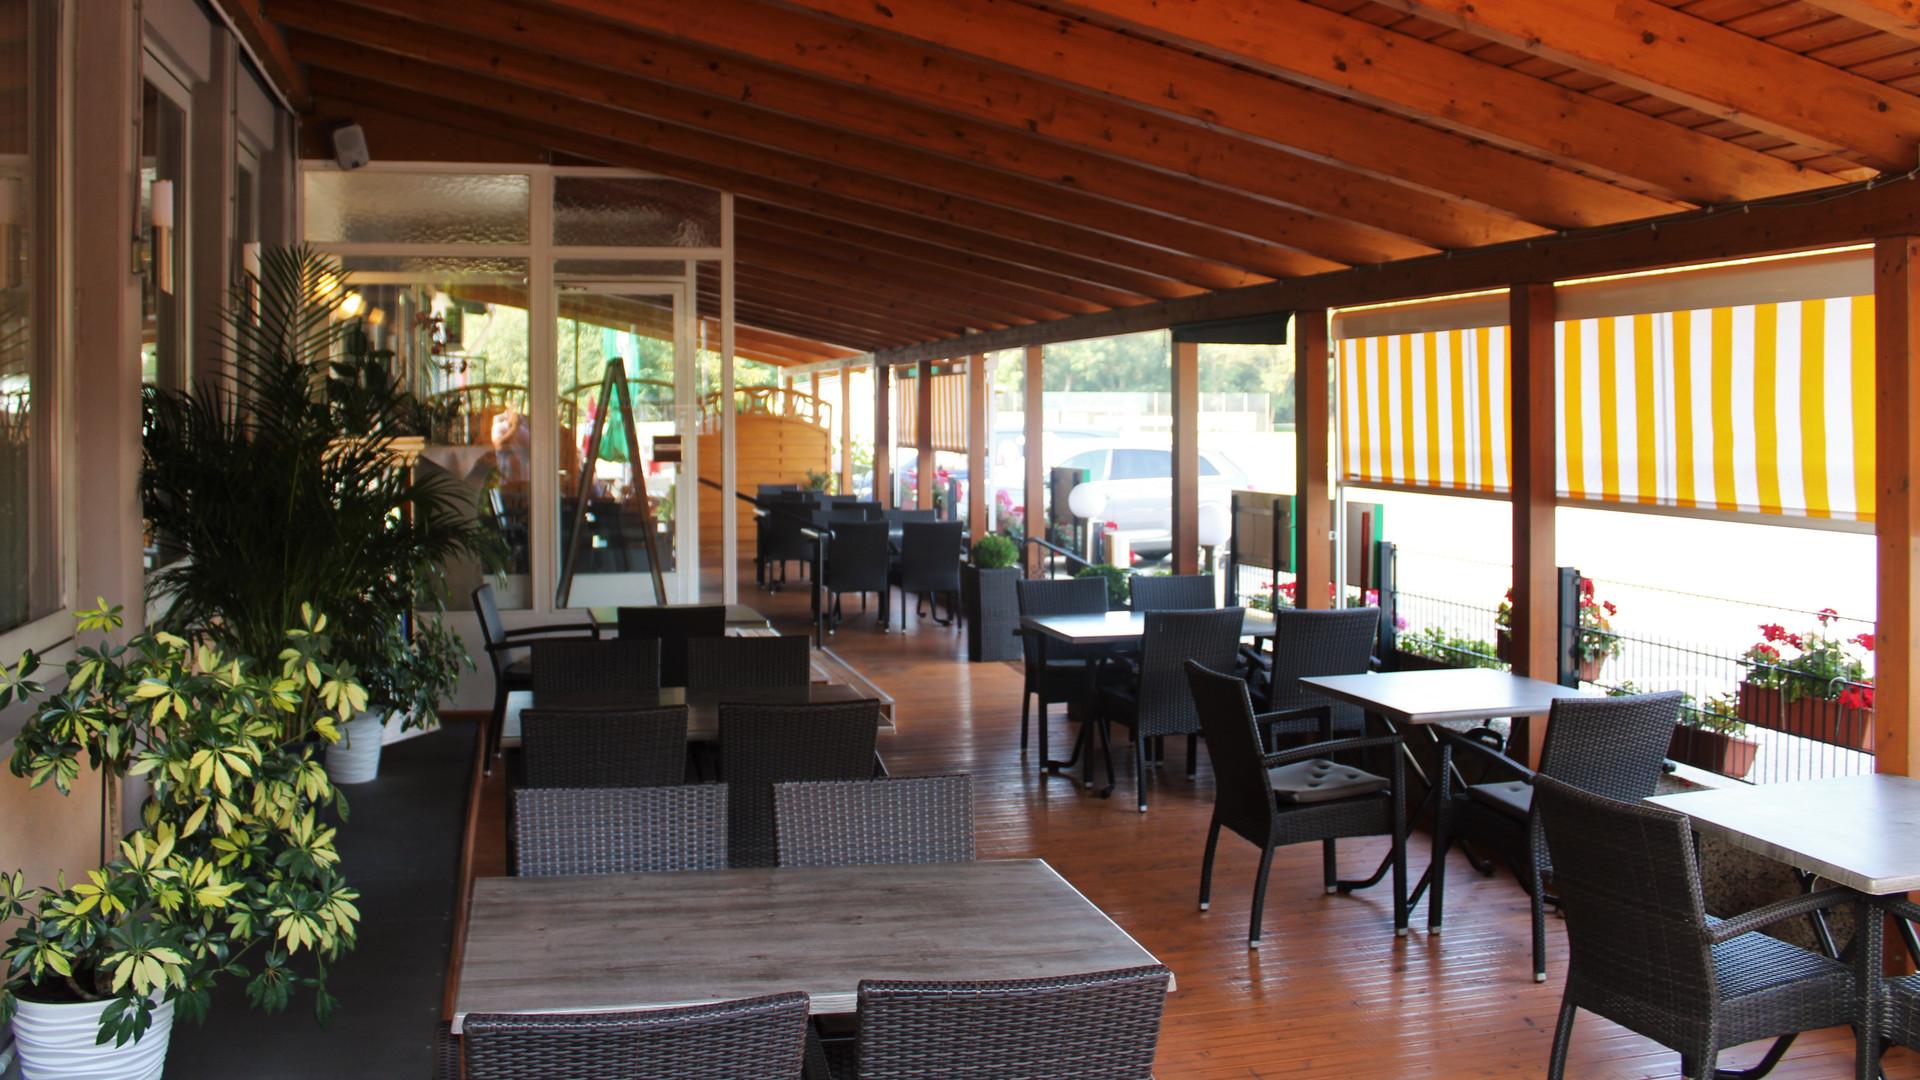 Restaurant_Terasse_1.JPG